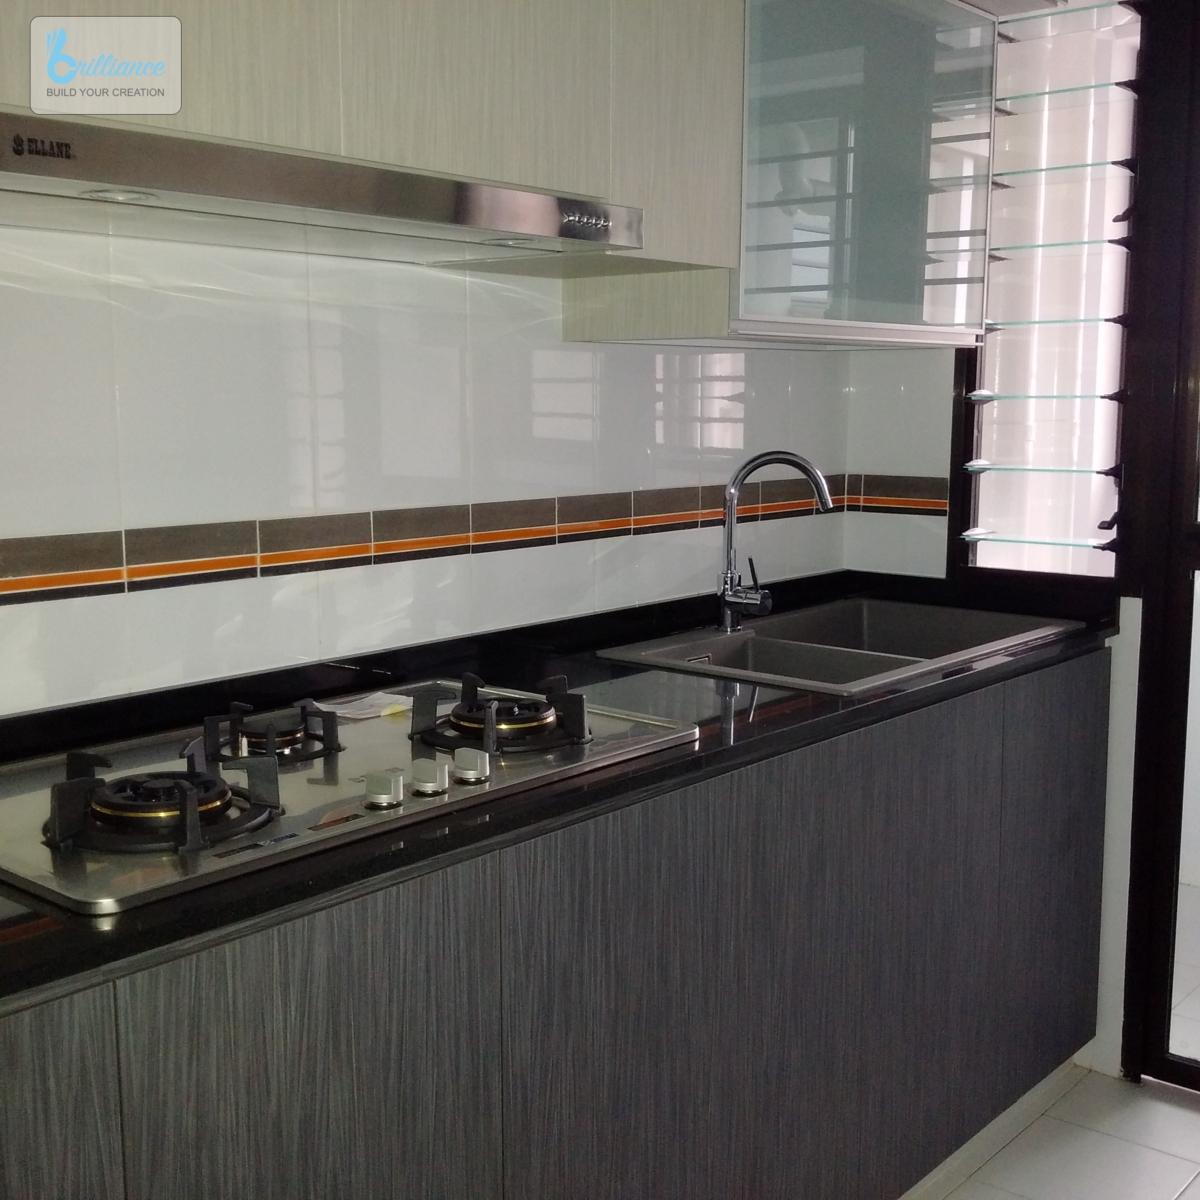 BTO Renovation by brilliance- Segar Road - kitchen view